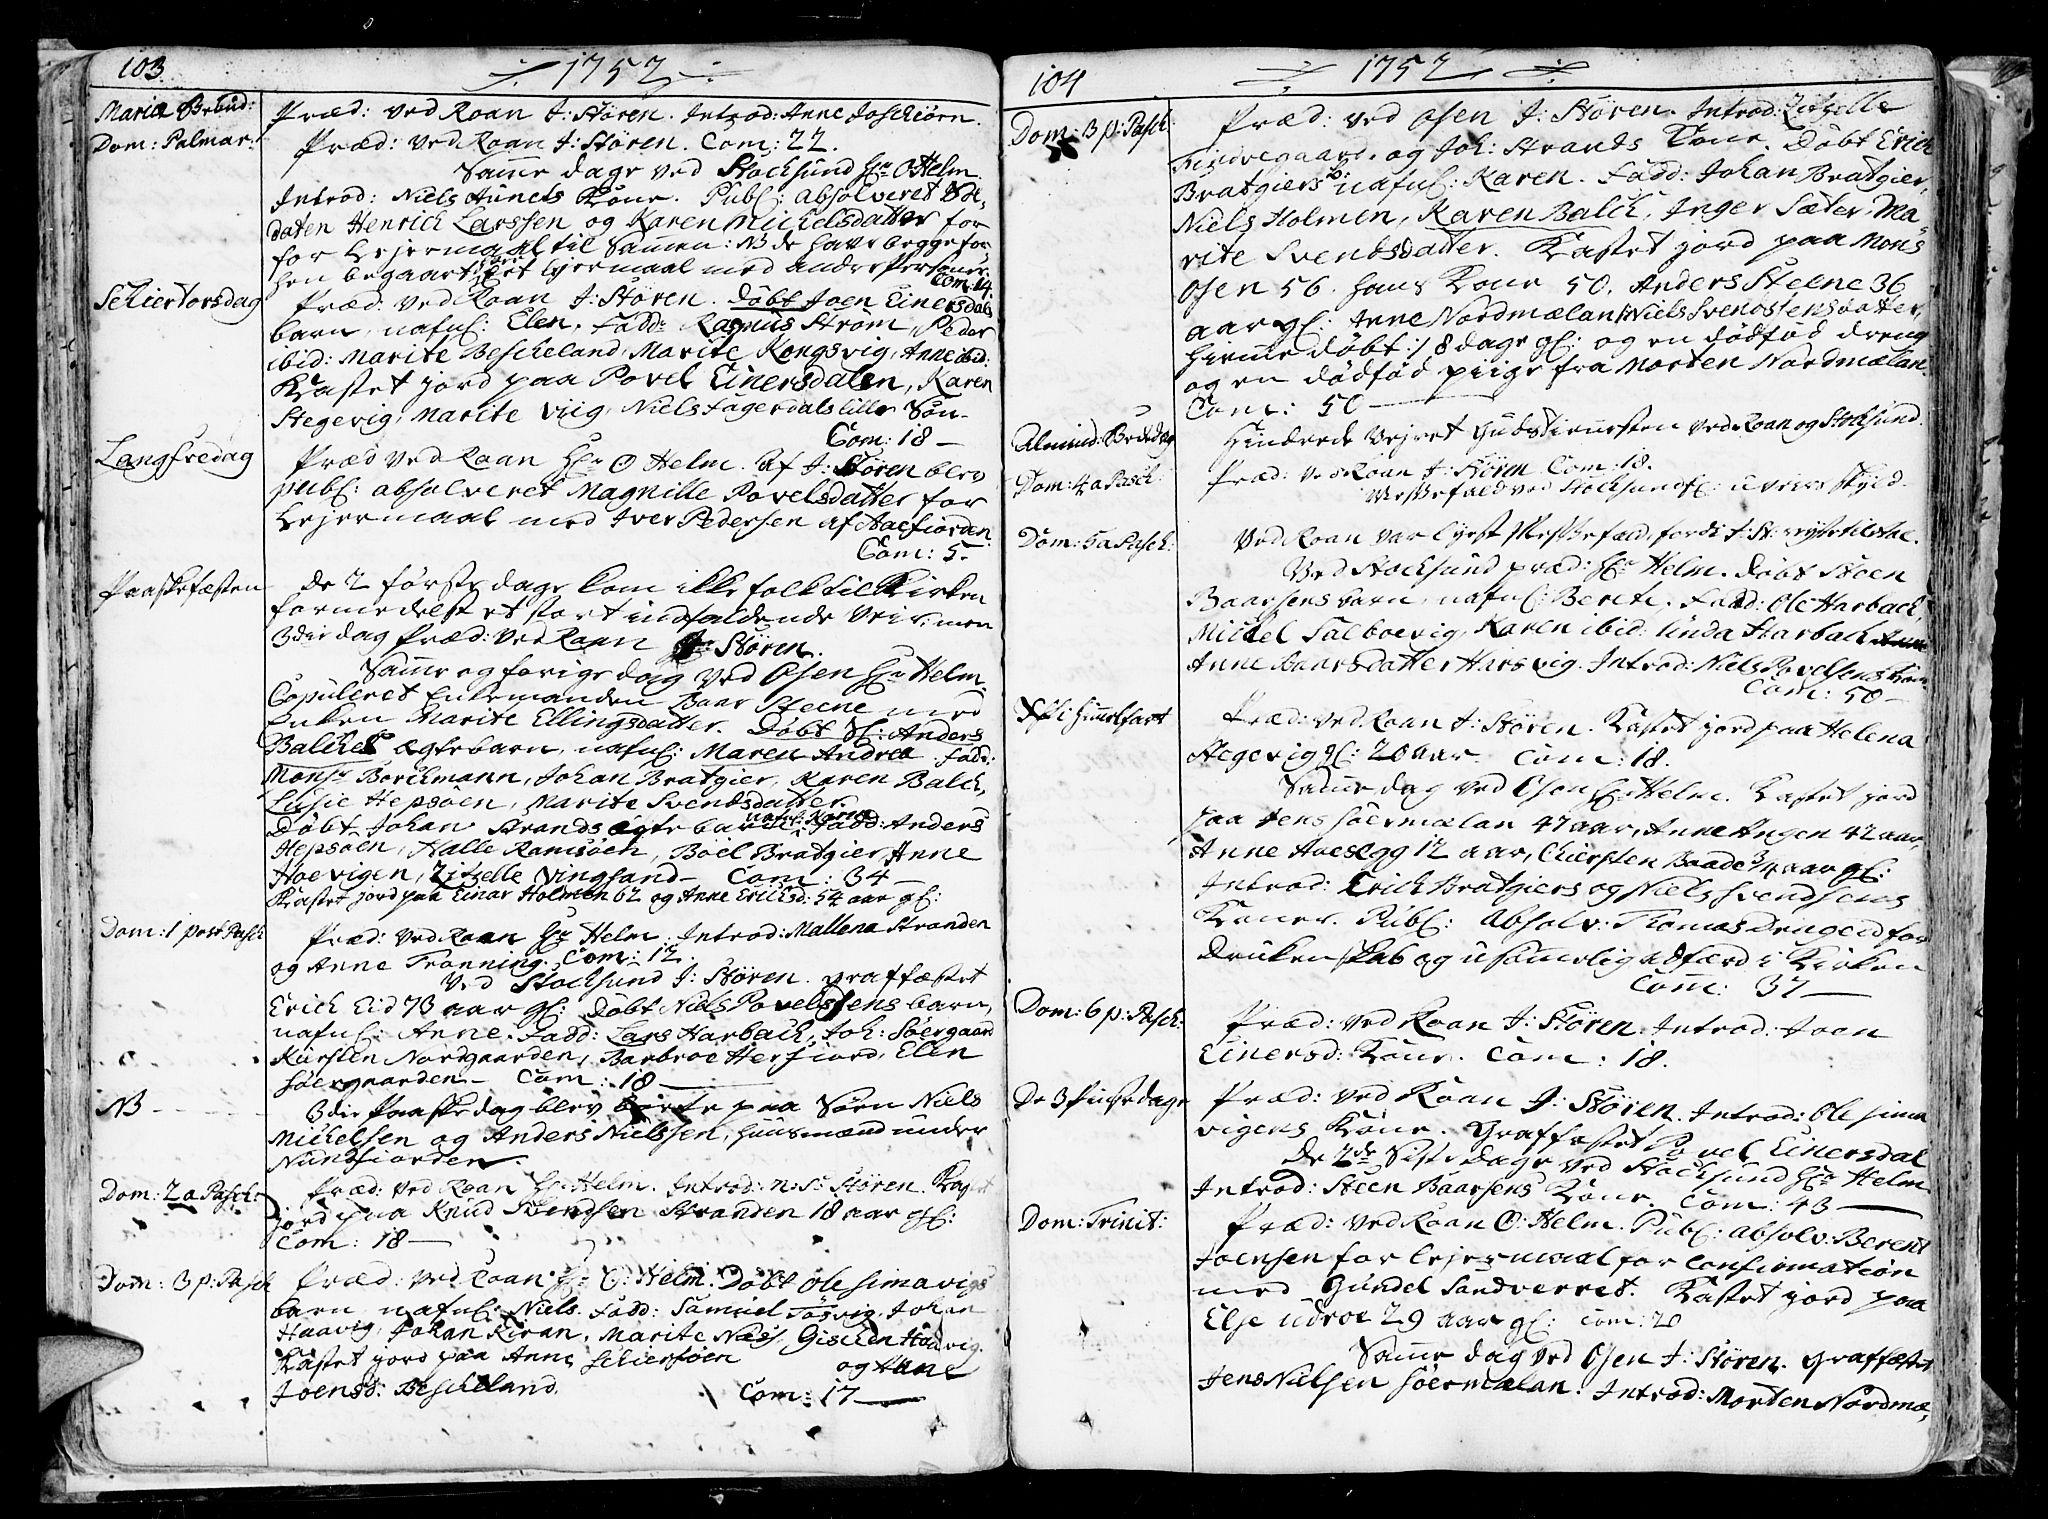 SAT, Ministerialprotokoller, klokkerbøker og fødselsregistre - Sør-Trøndelag, 657/L0700: Ministerialbok nr. 657A01, 1732-1801, s. 103-104